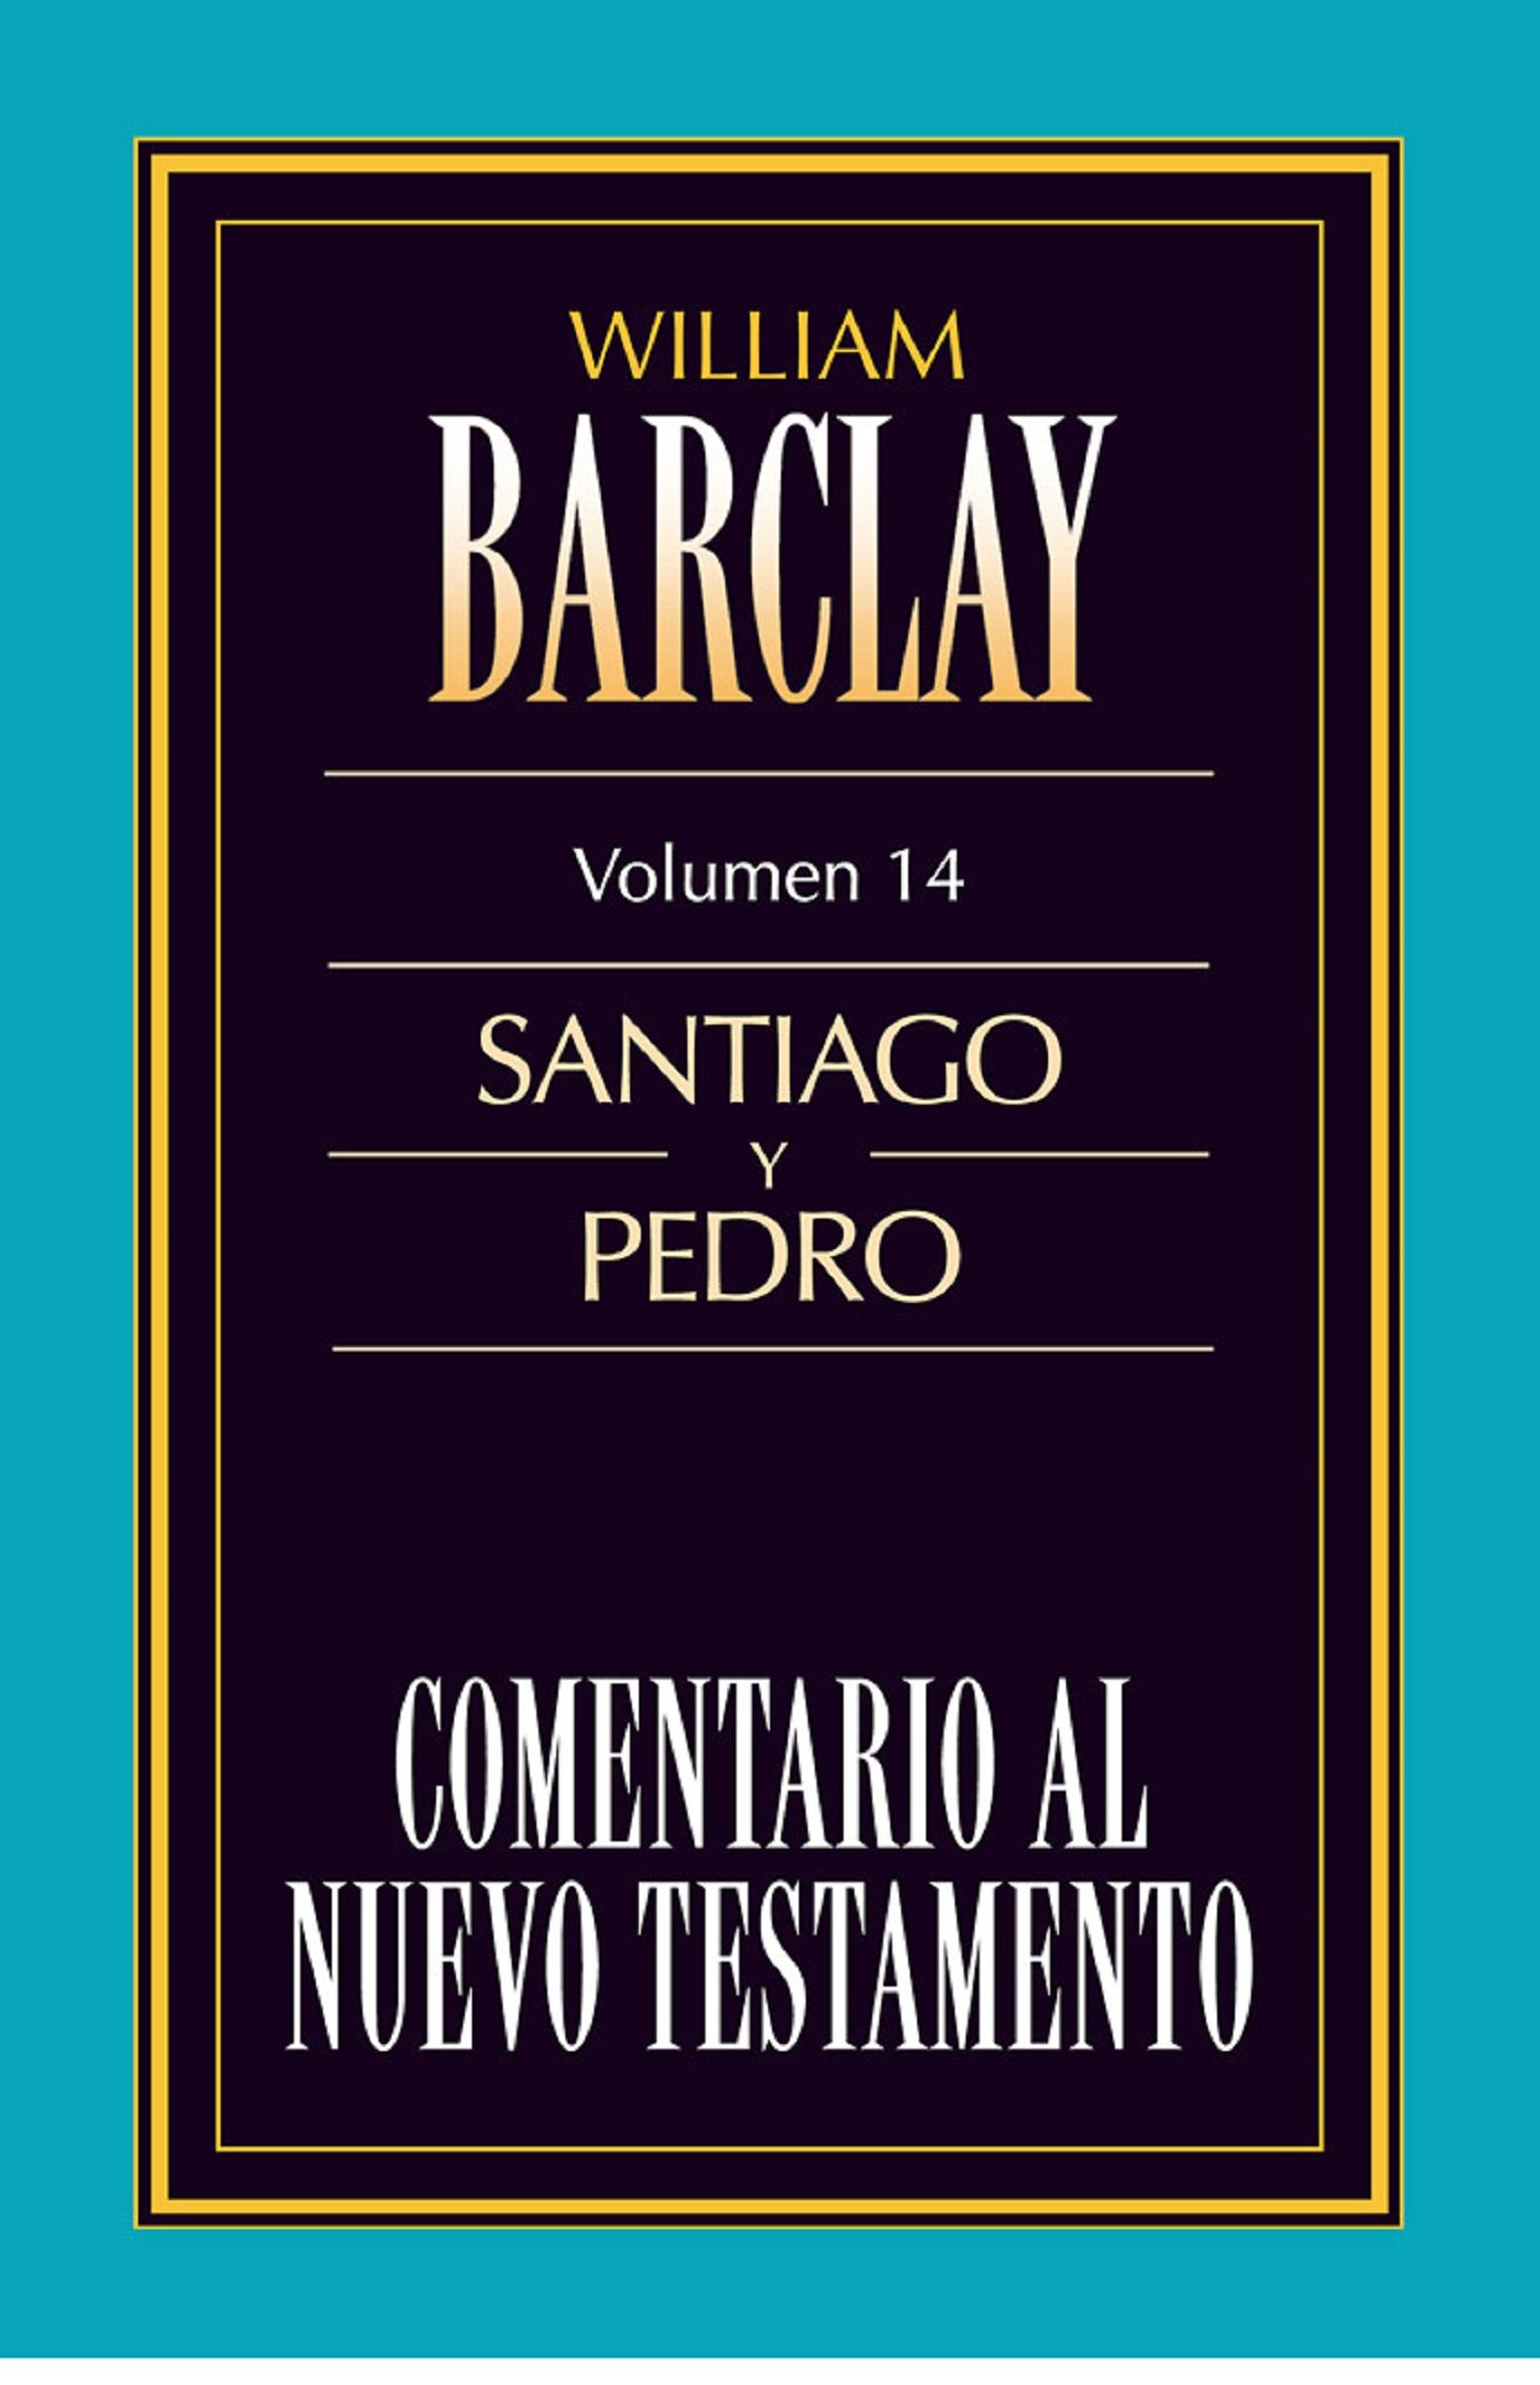 William Barclay Comentario al Nuevo Testamento Vol. 14 betty barclay блузка